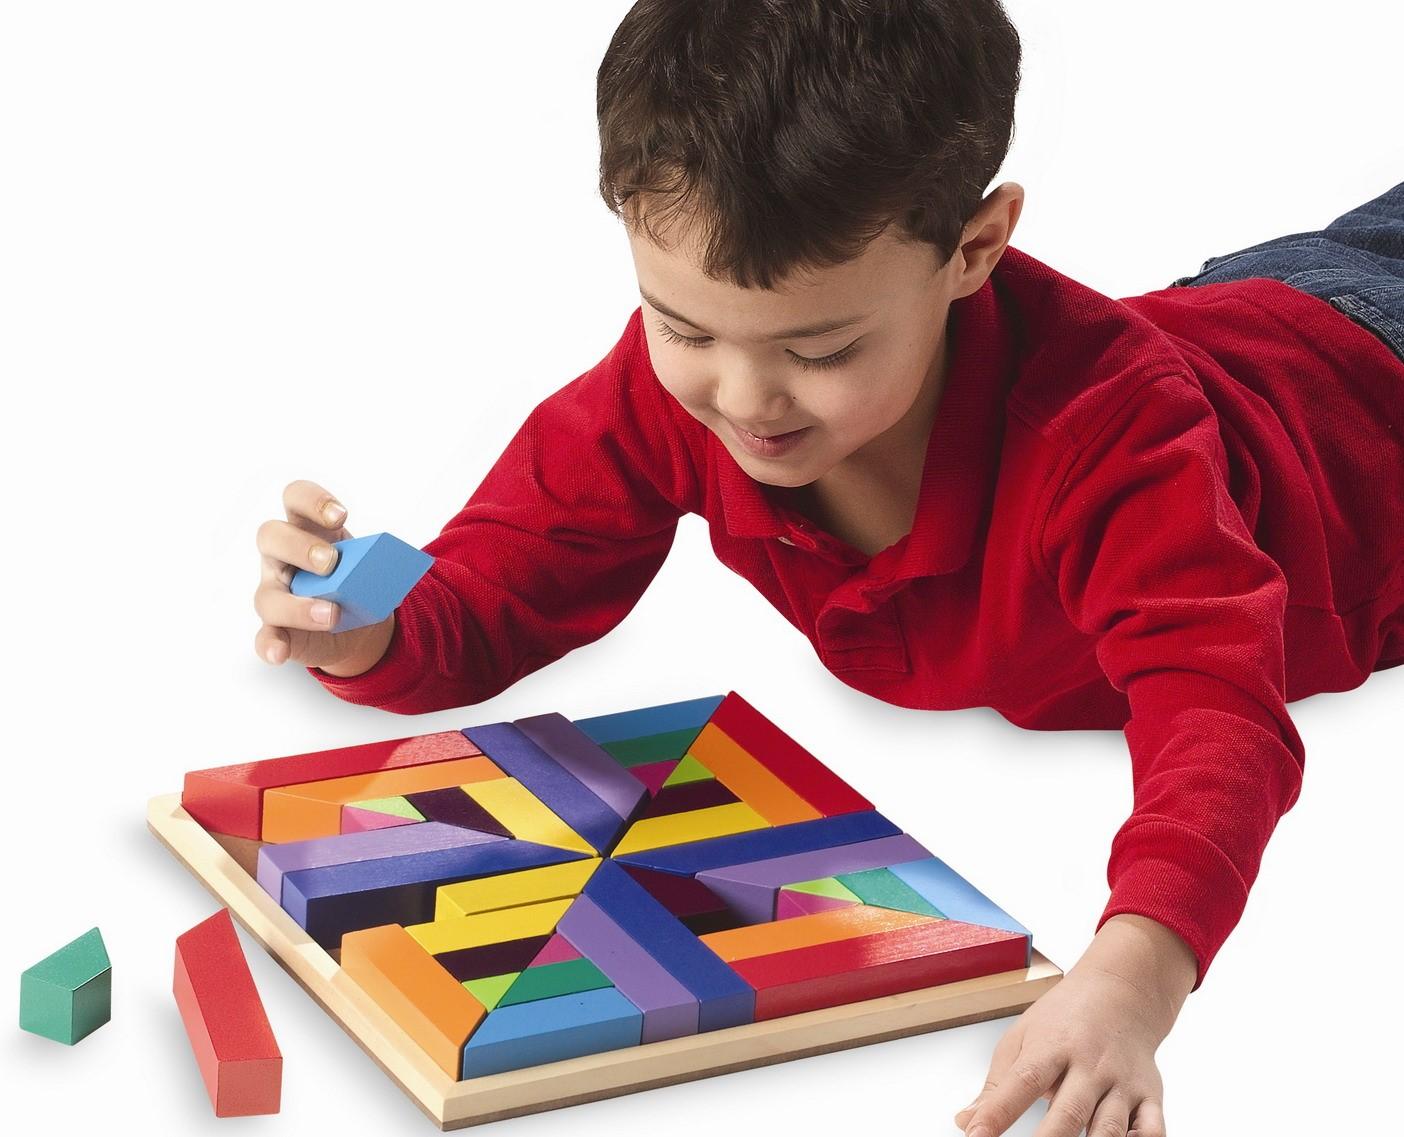 Развитие мышления через головоломки на уроке ТРИЗ